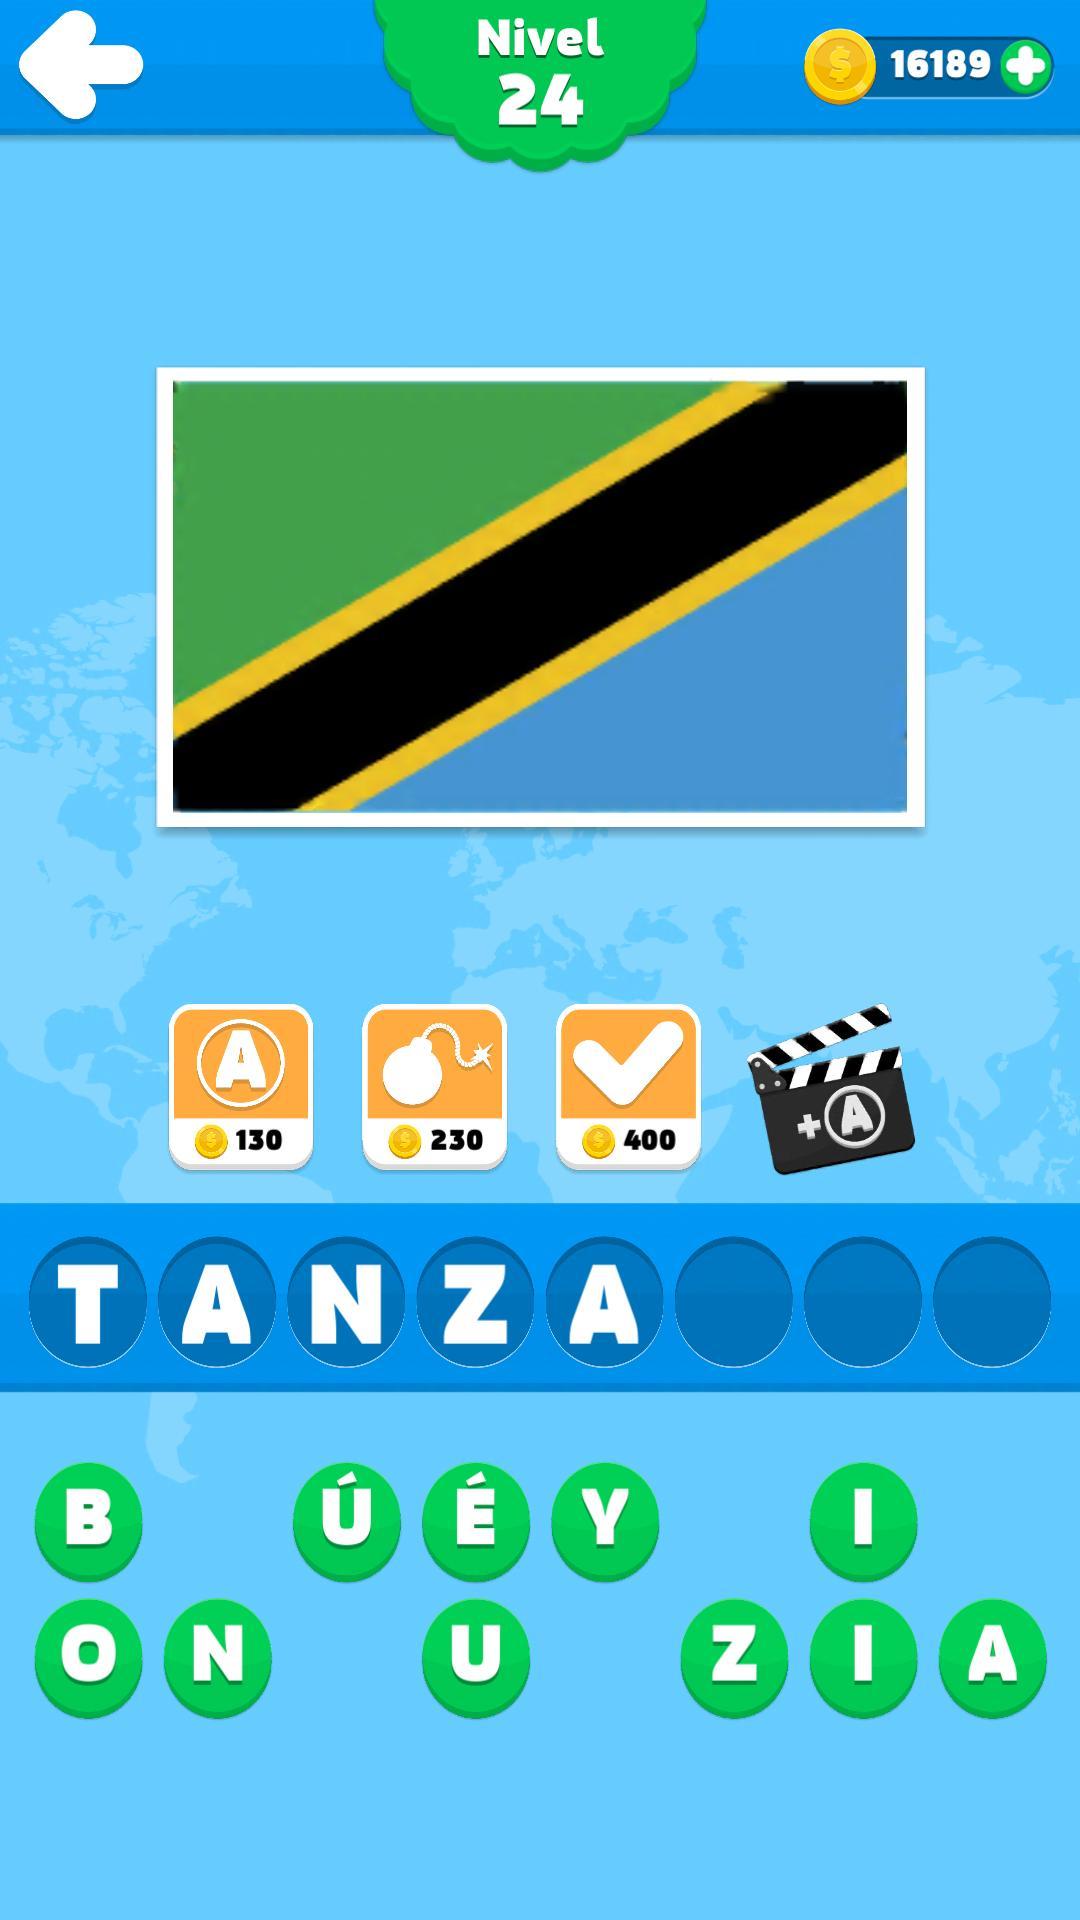 Quiz de banderas - Adivina la bandera: Amazon.es: Appstore